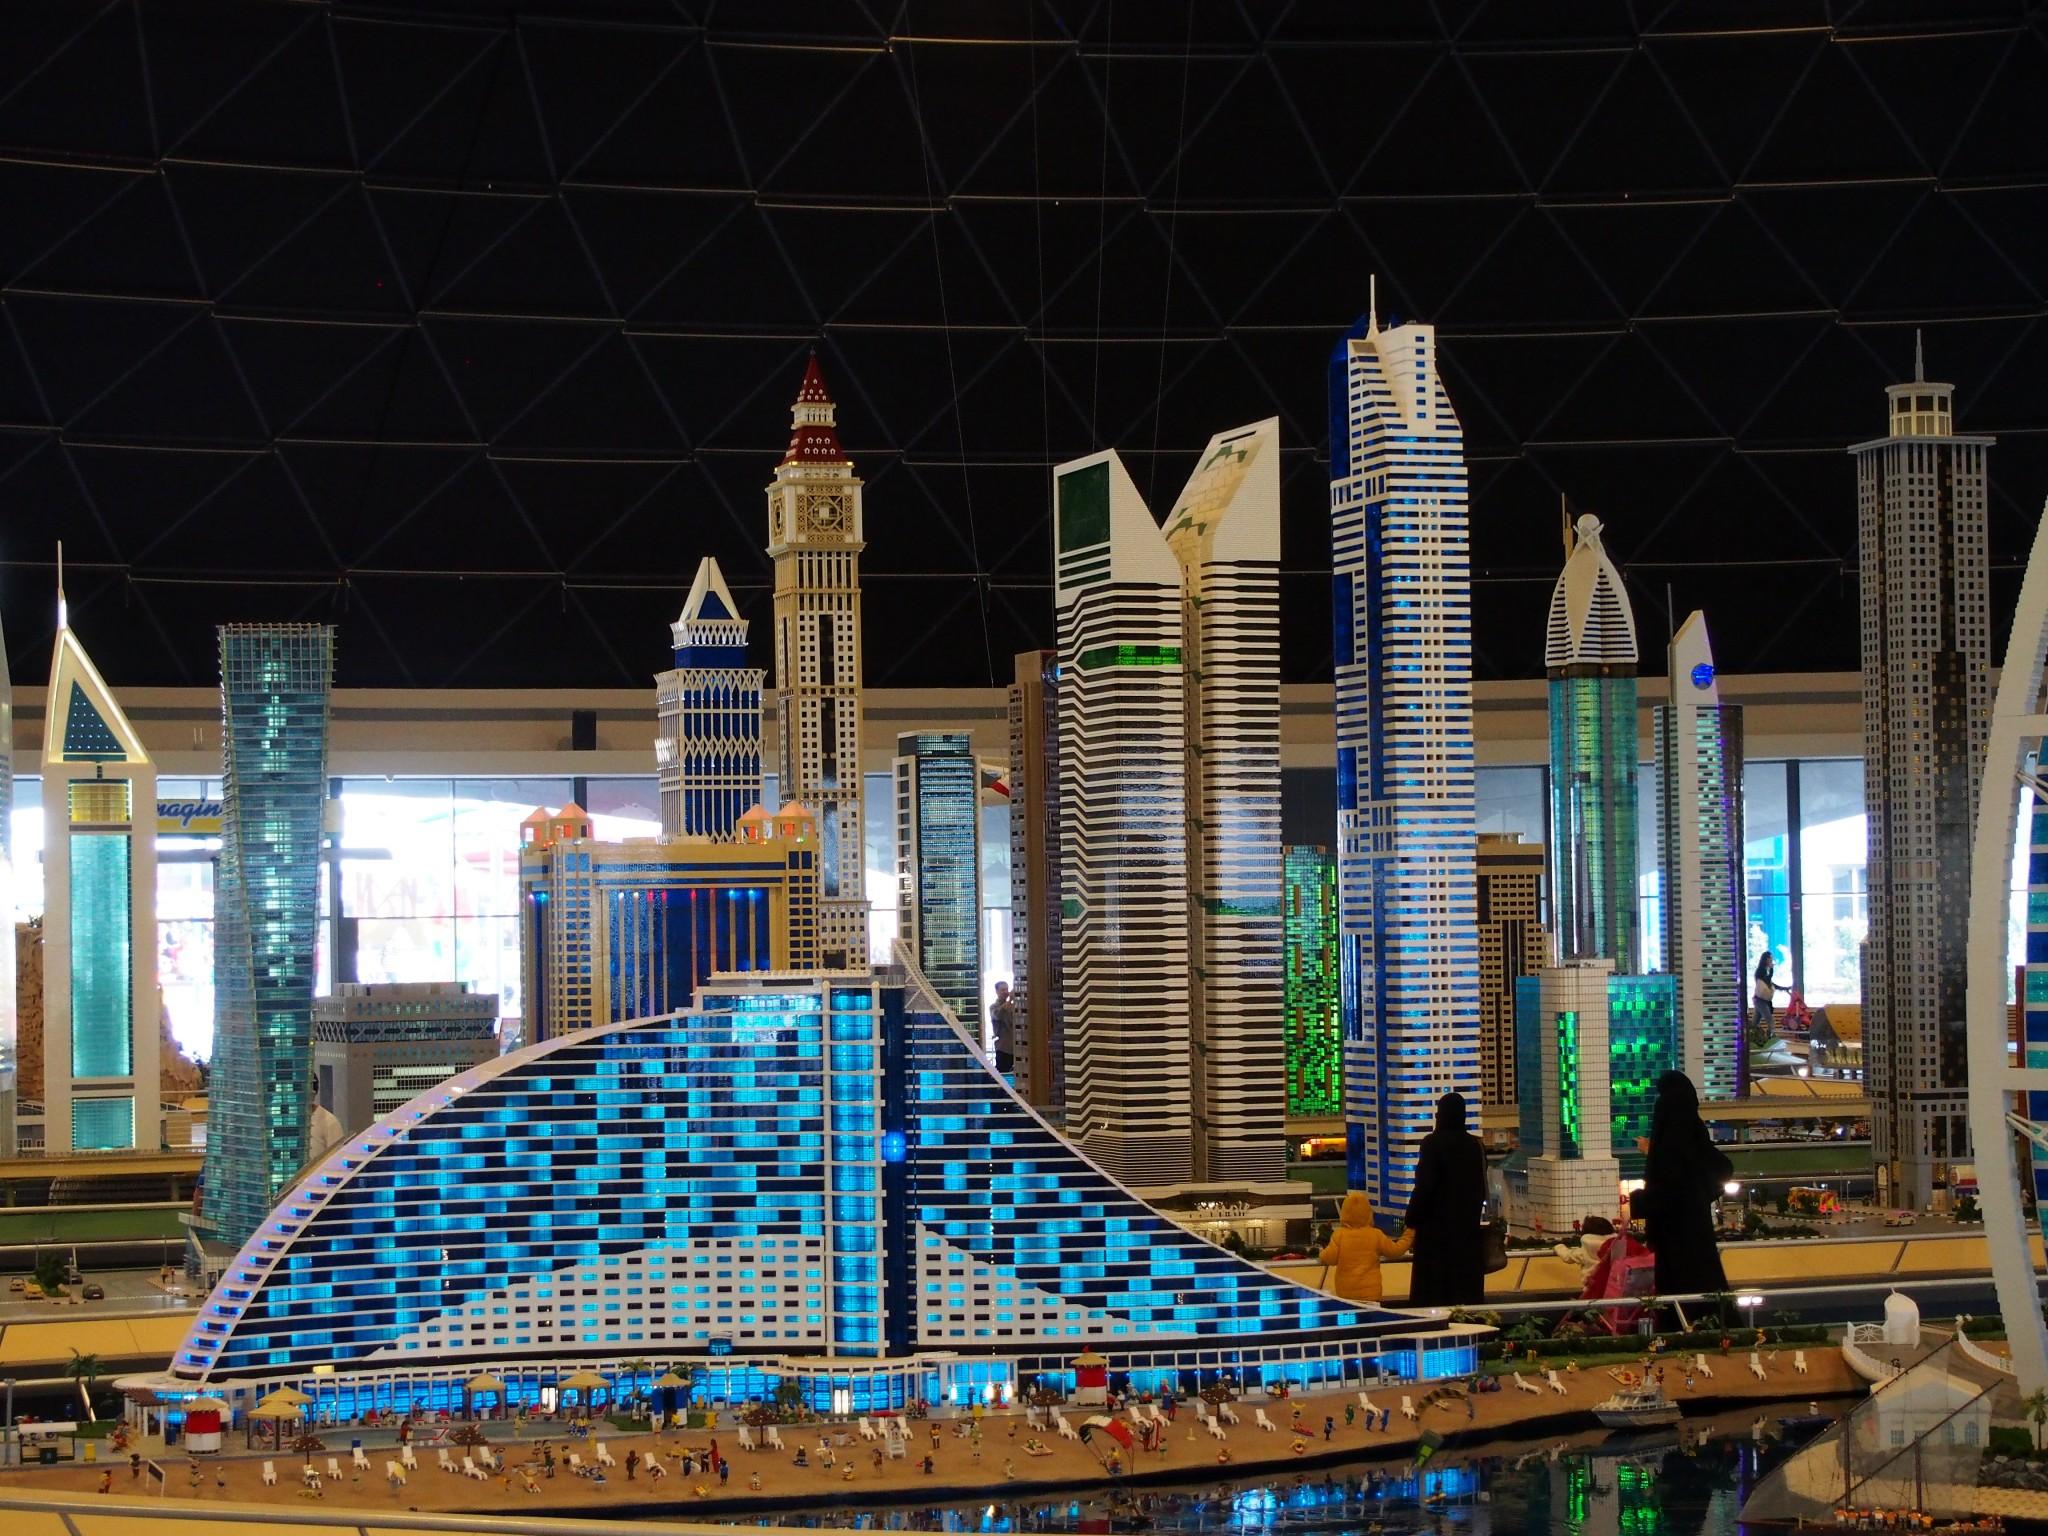 Hiljattain avatusta Legoland Dubaista löytyy mm. Dubai minikoossa. Photo © Elämää ja Matkoja